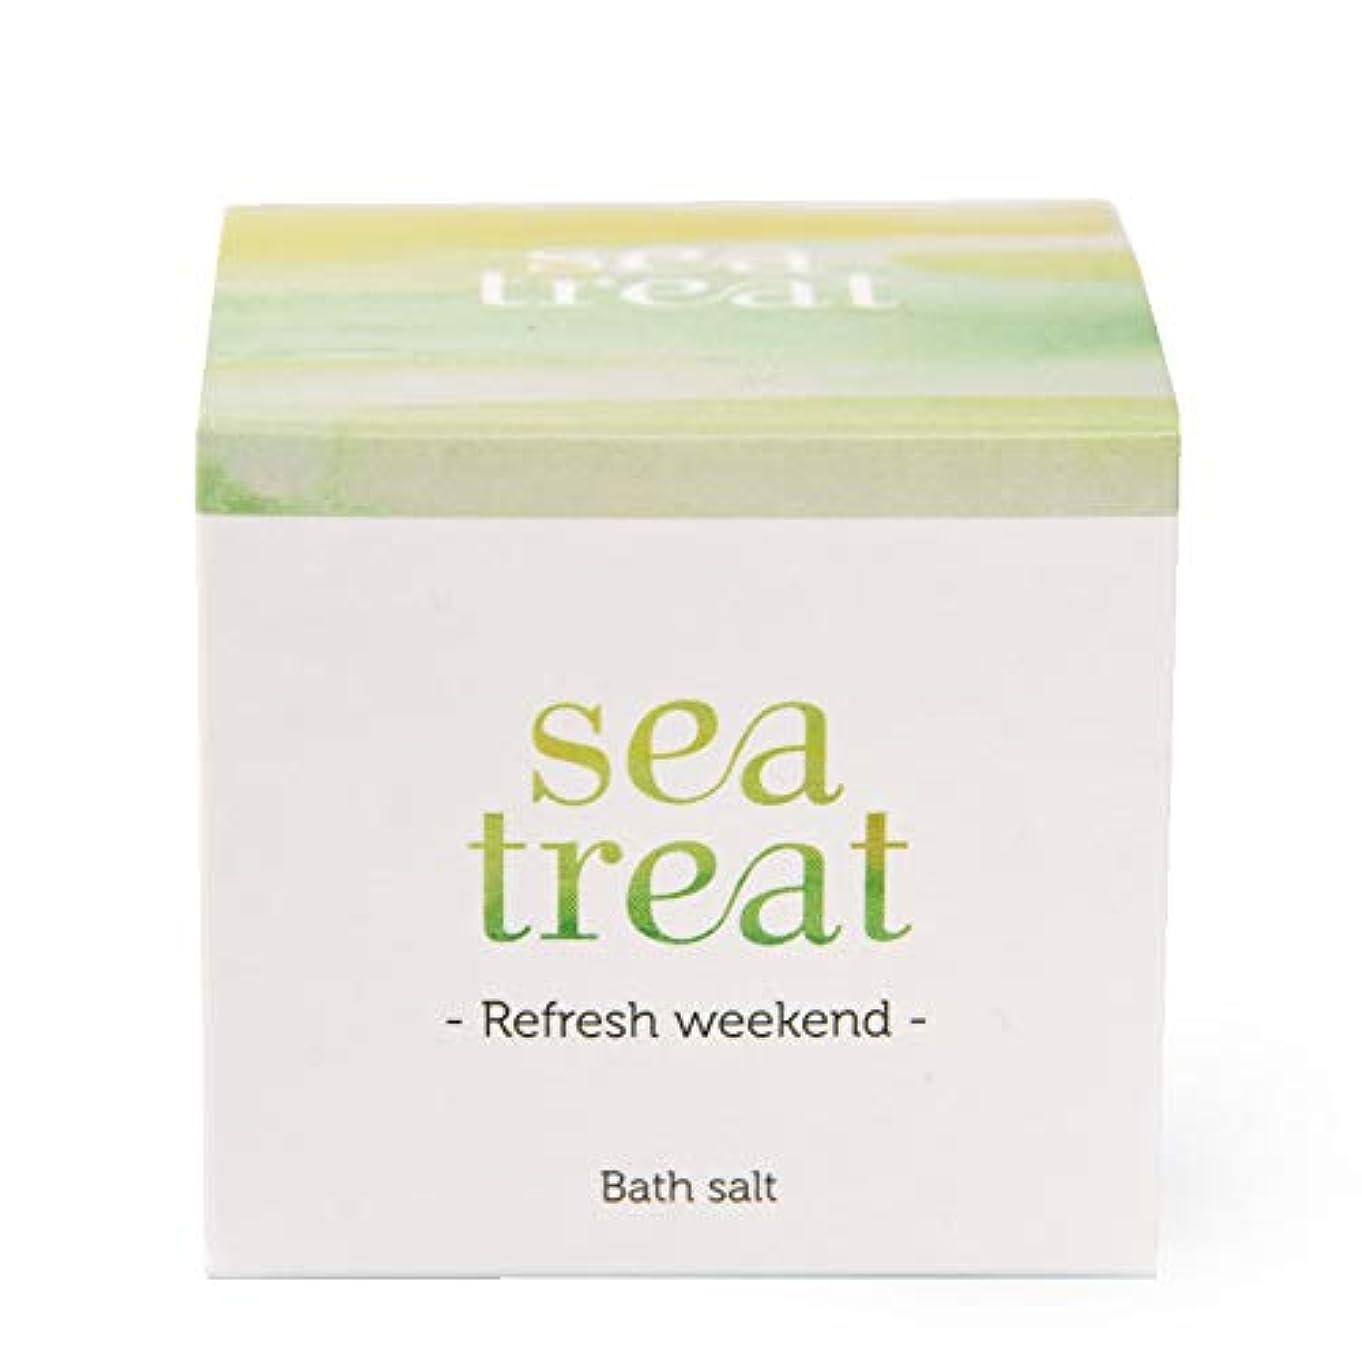 きらめくお客様自分の力ですべてをするsea treat バスソルト Bath salt -Refresh weekend- グレープフルーツ?ローズマリー?ラベンダー?レモングラスの香り